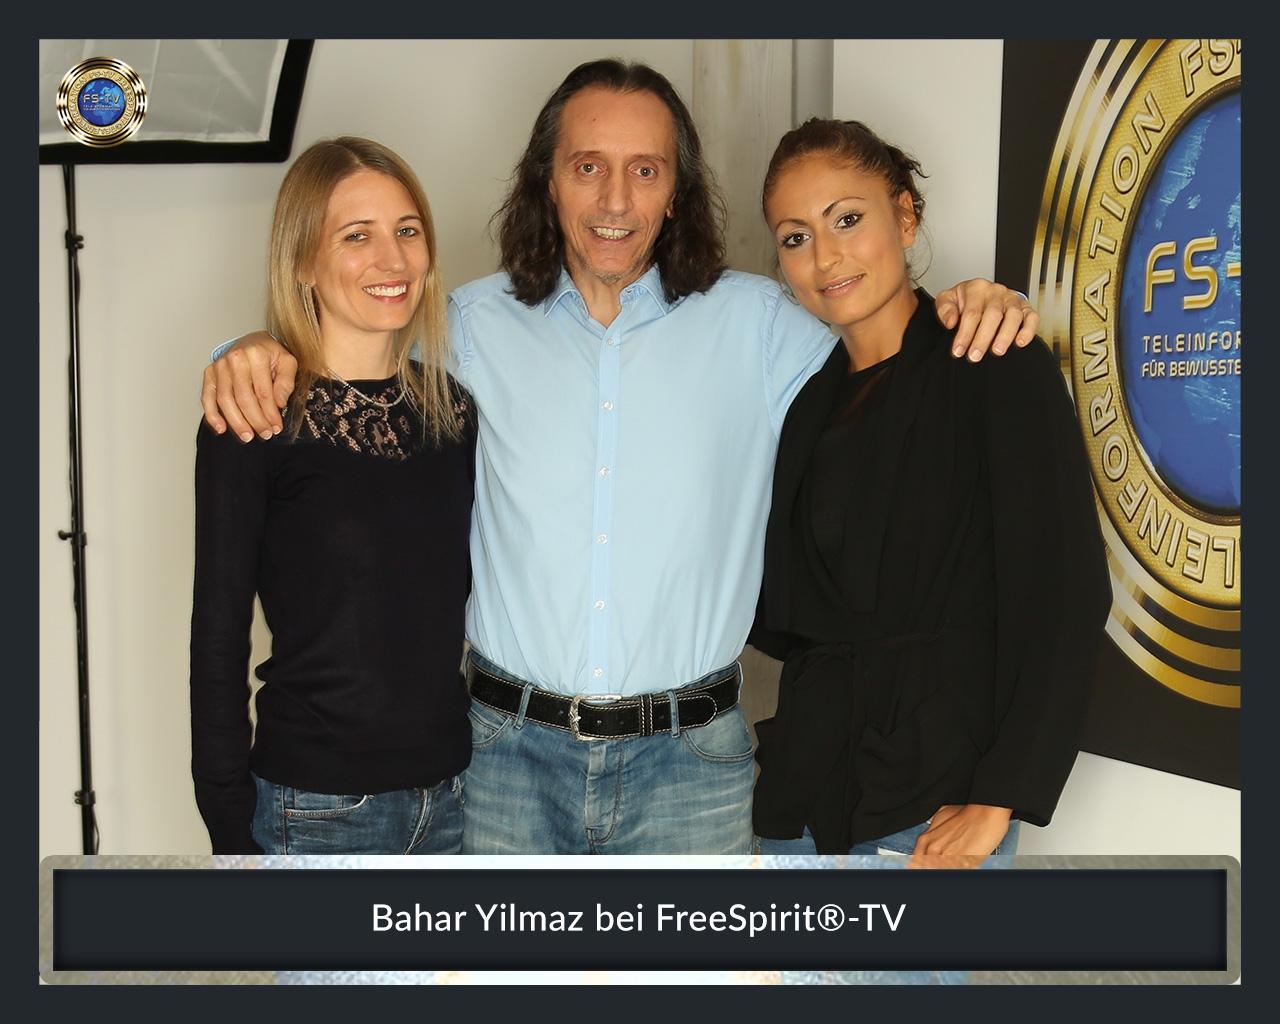 FS-TV-Bildergallerie-Bahar-Yilmaz-3